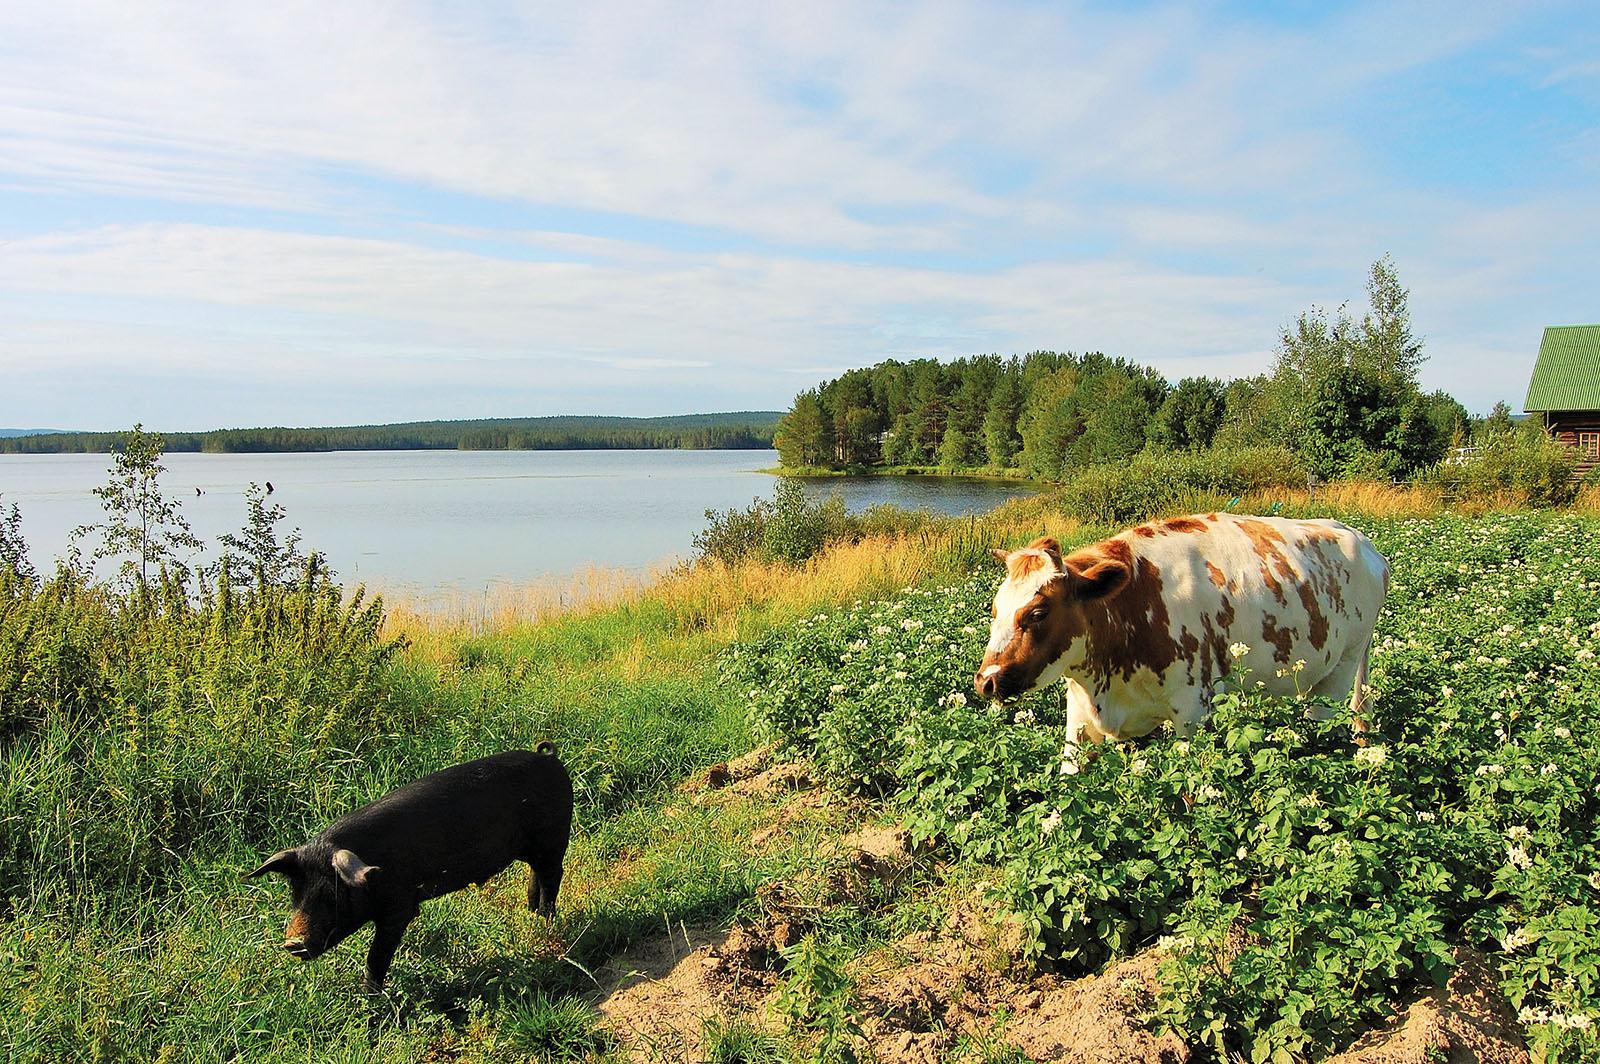 Kaksi lehmää käyskentelee järven rannalla, aurinko paistaa.